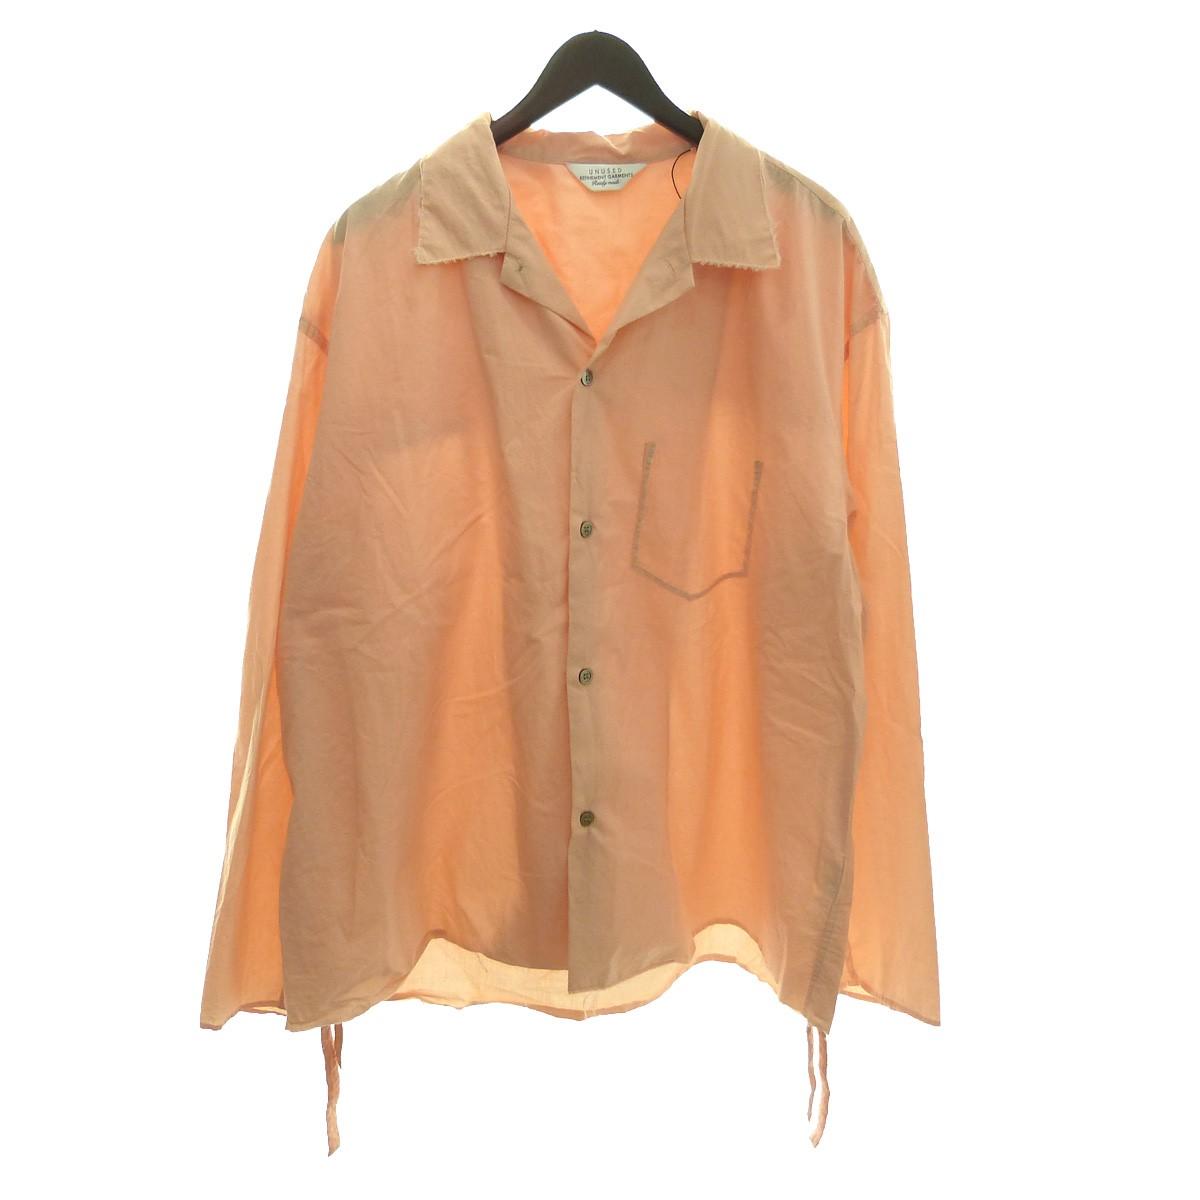 【中古】UNUSED 18SS 「Cut off shirt」 カットオフシャツジャケット ピンク サイズ:4 【260420】(アンユーズド)